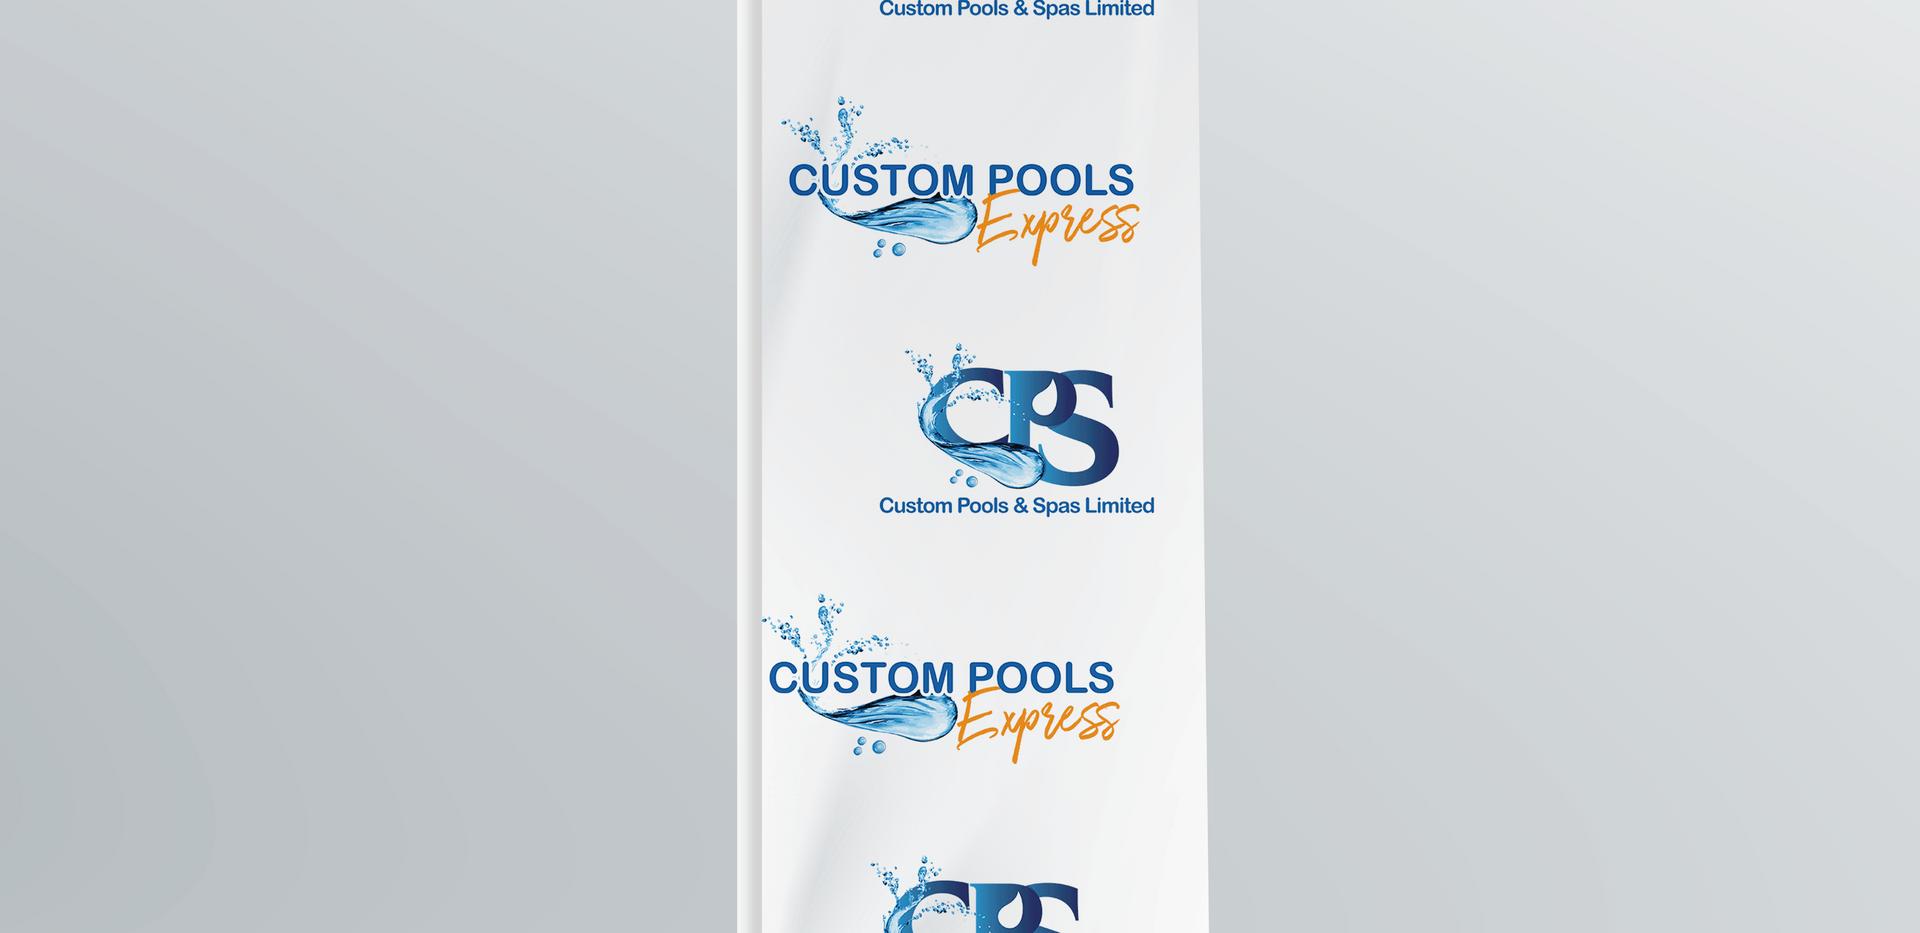 Custom Pools & Spas Ltd